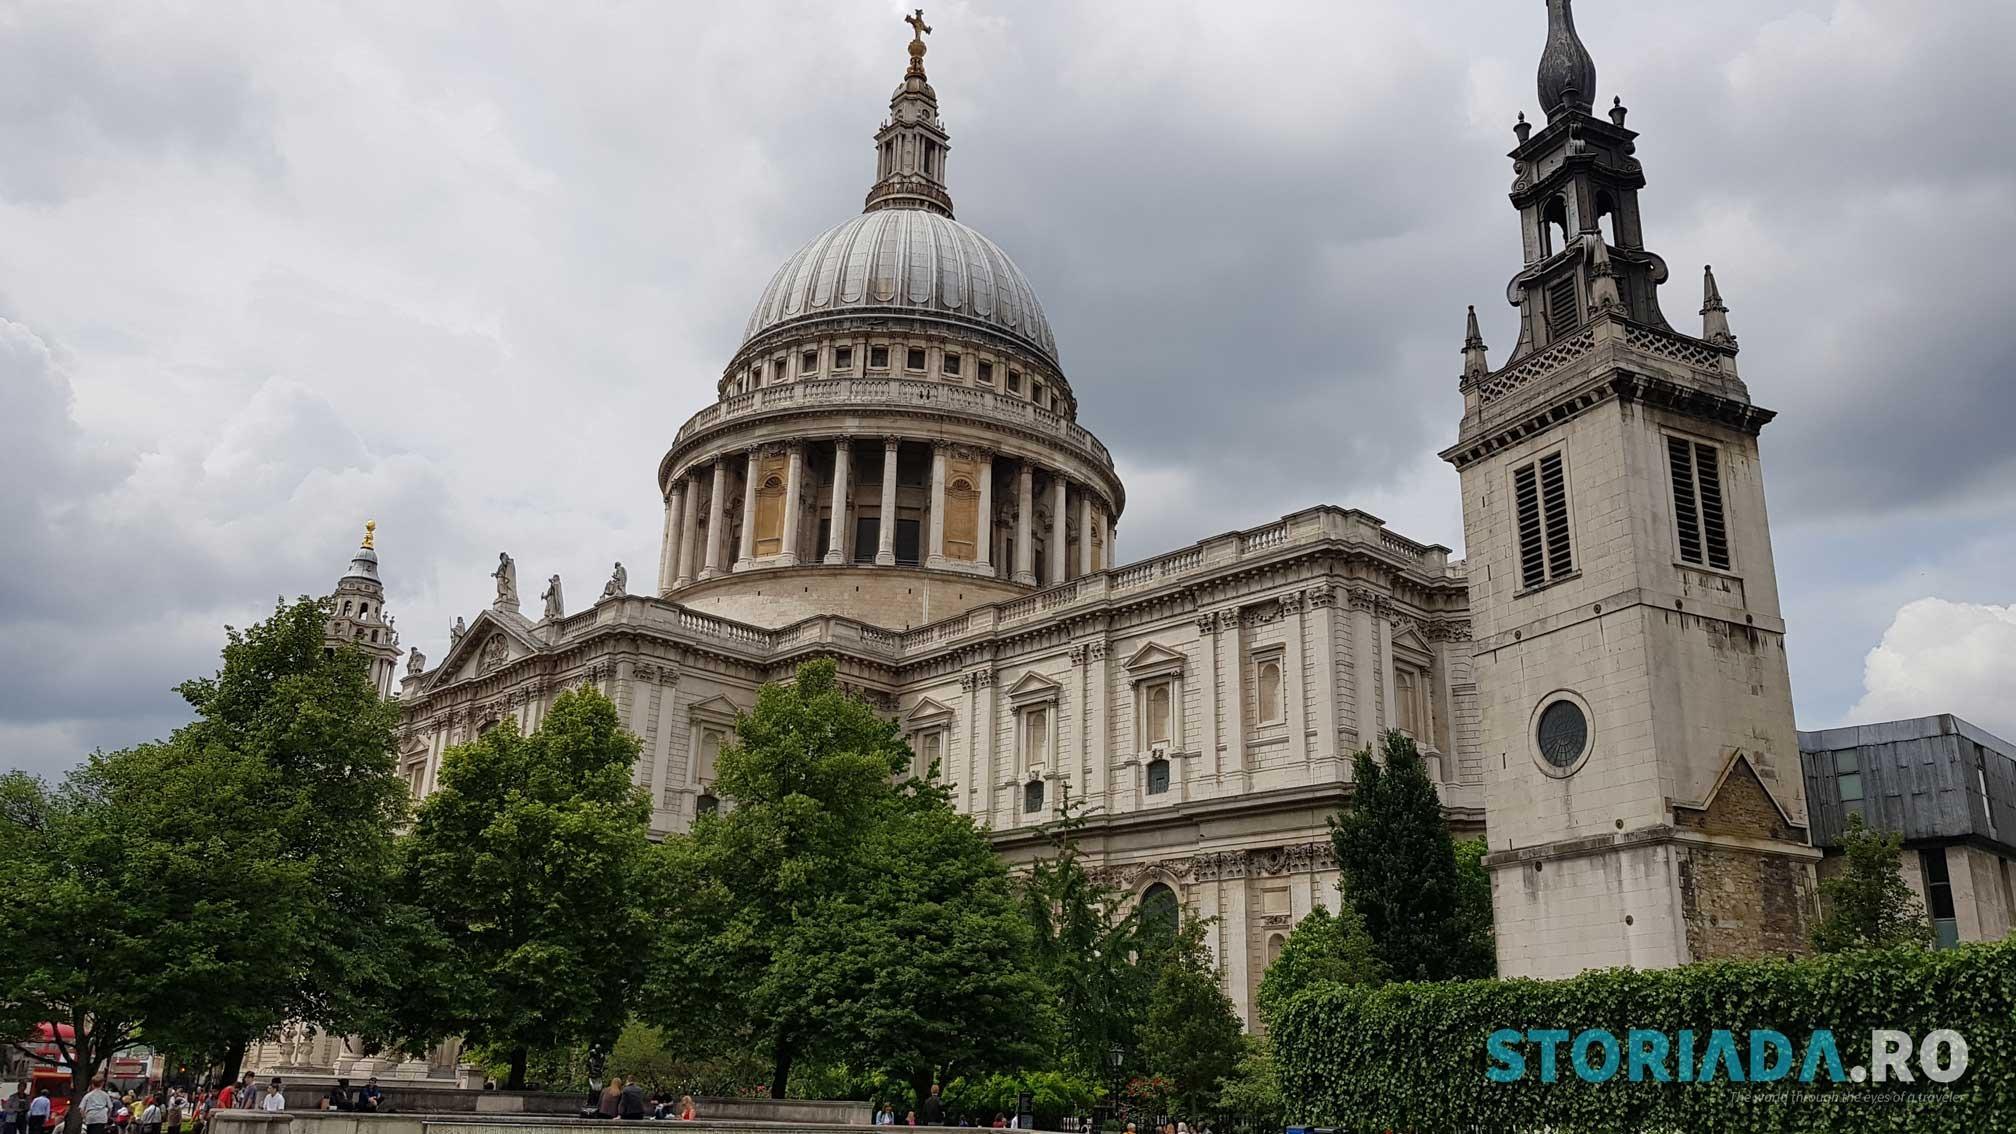 Catedrala Sf. Petru, Londra